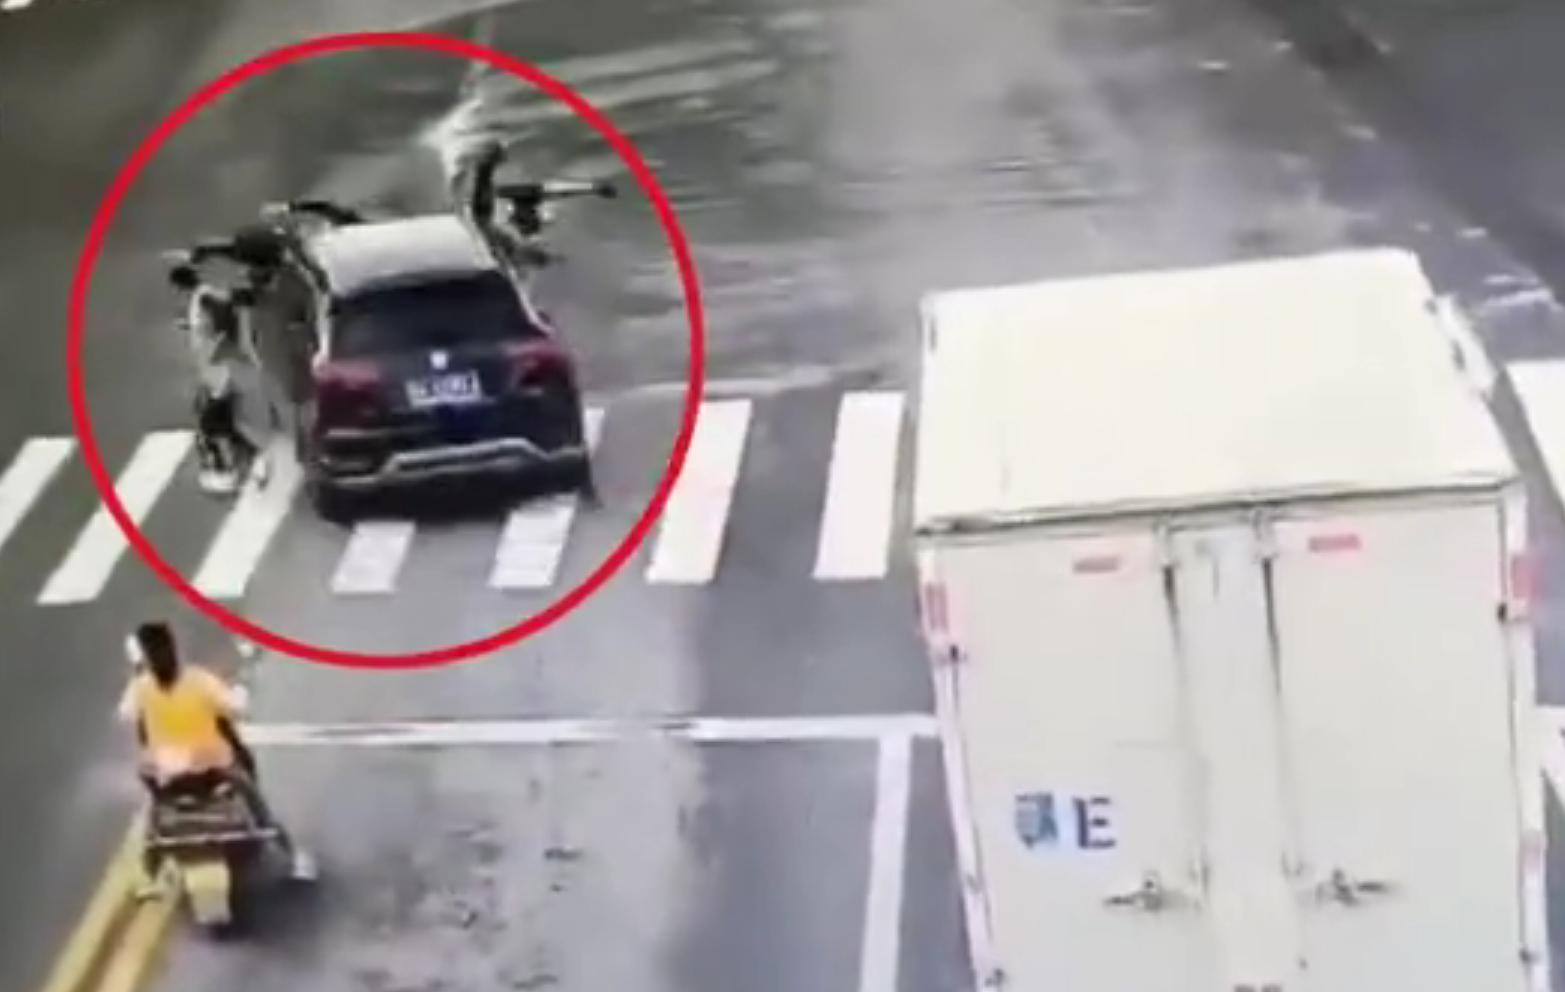 江西一越野车撞伤4名学生后逃逸,肇事司机现已被控制图片